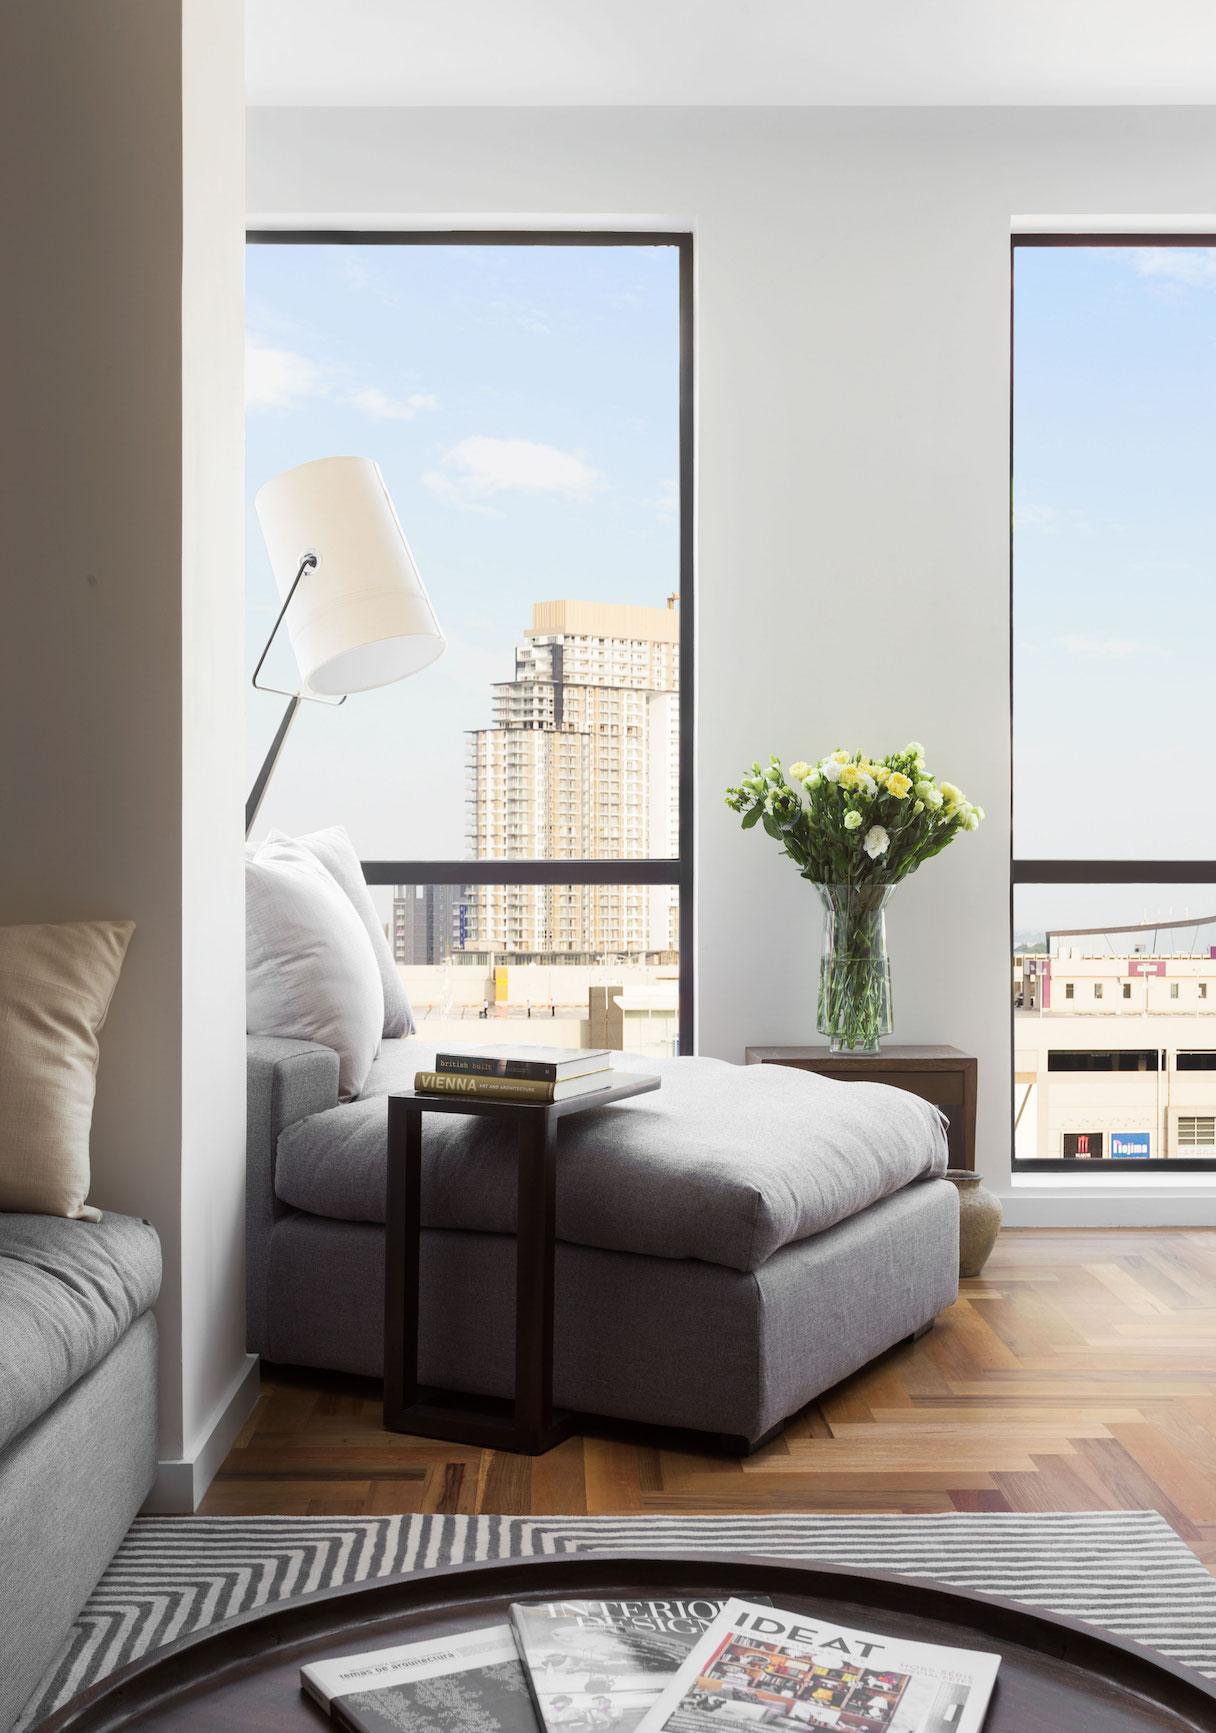 2-bedroom-nook-view--european-BKK1-condominium-cambodia-habitat-condos.jpg